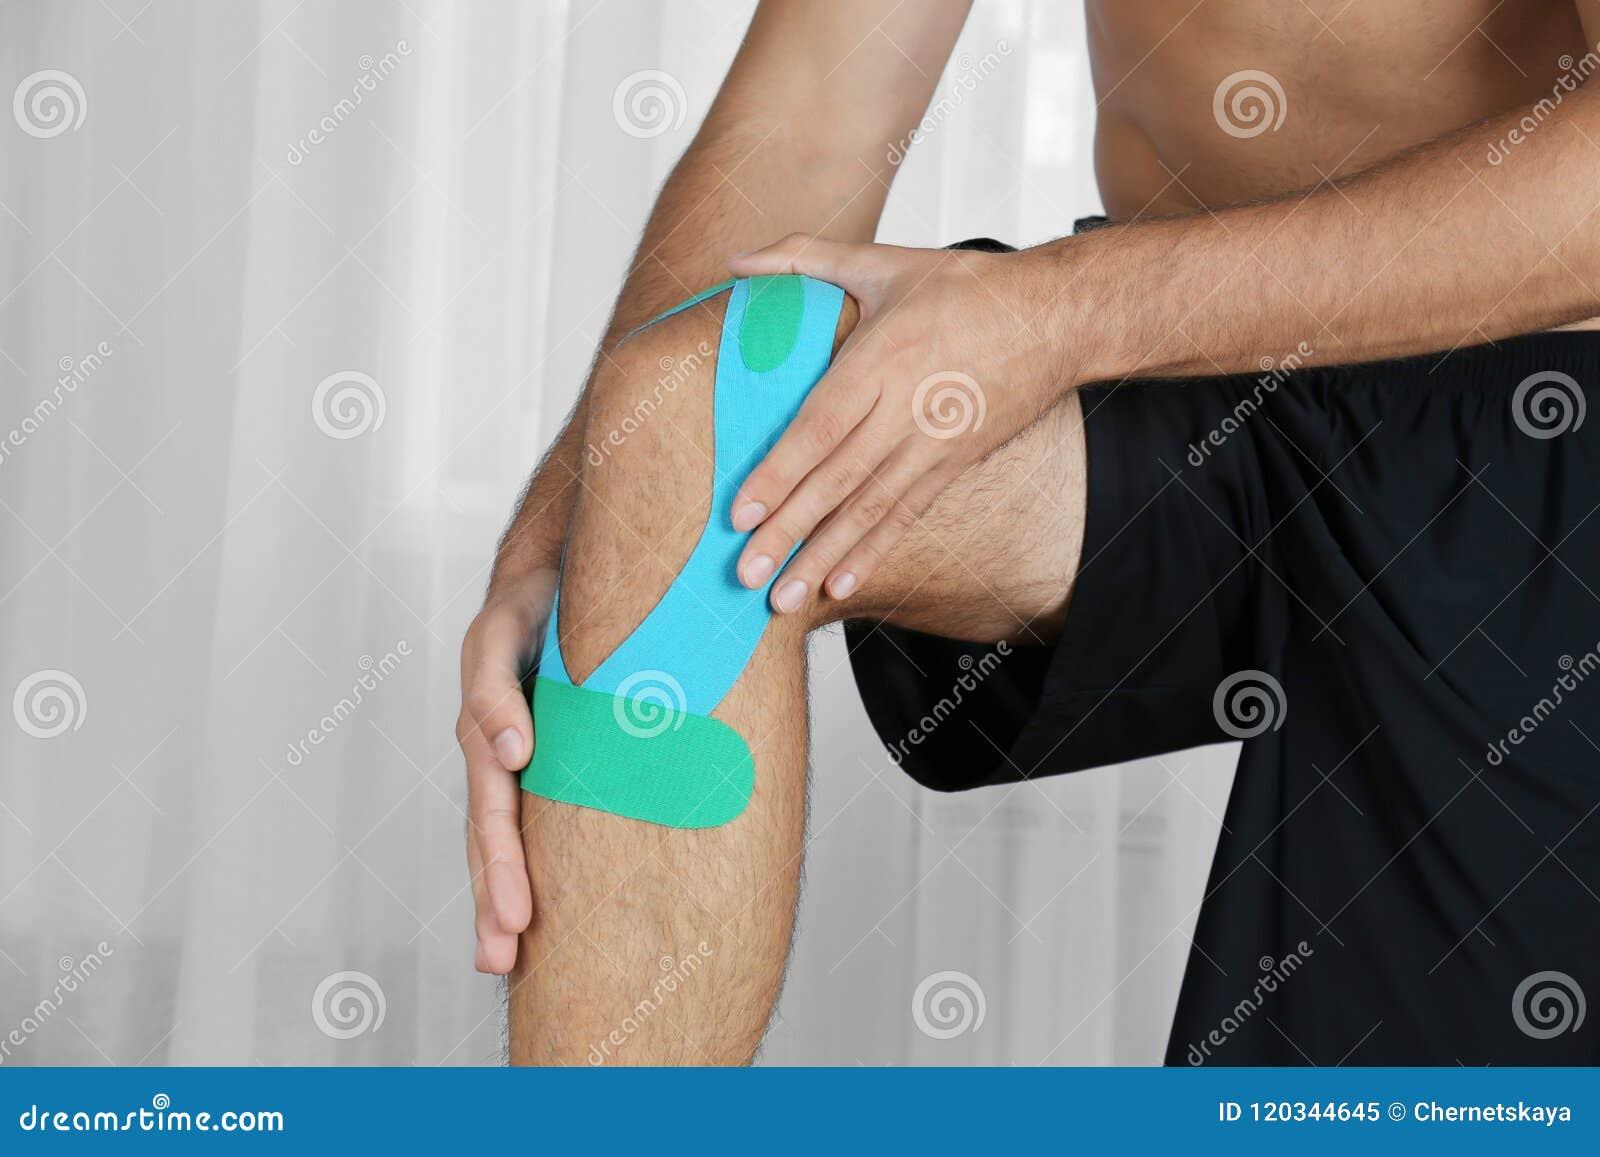 Mannelijke knie met toegepaste fysioband, binnen